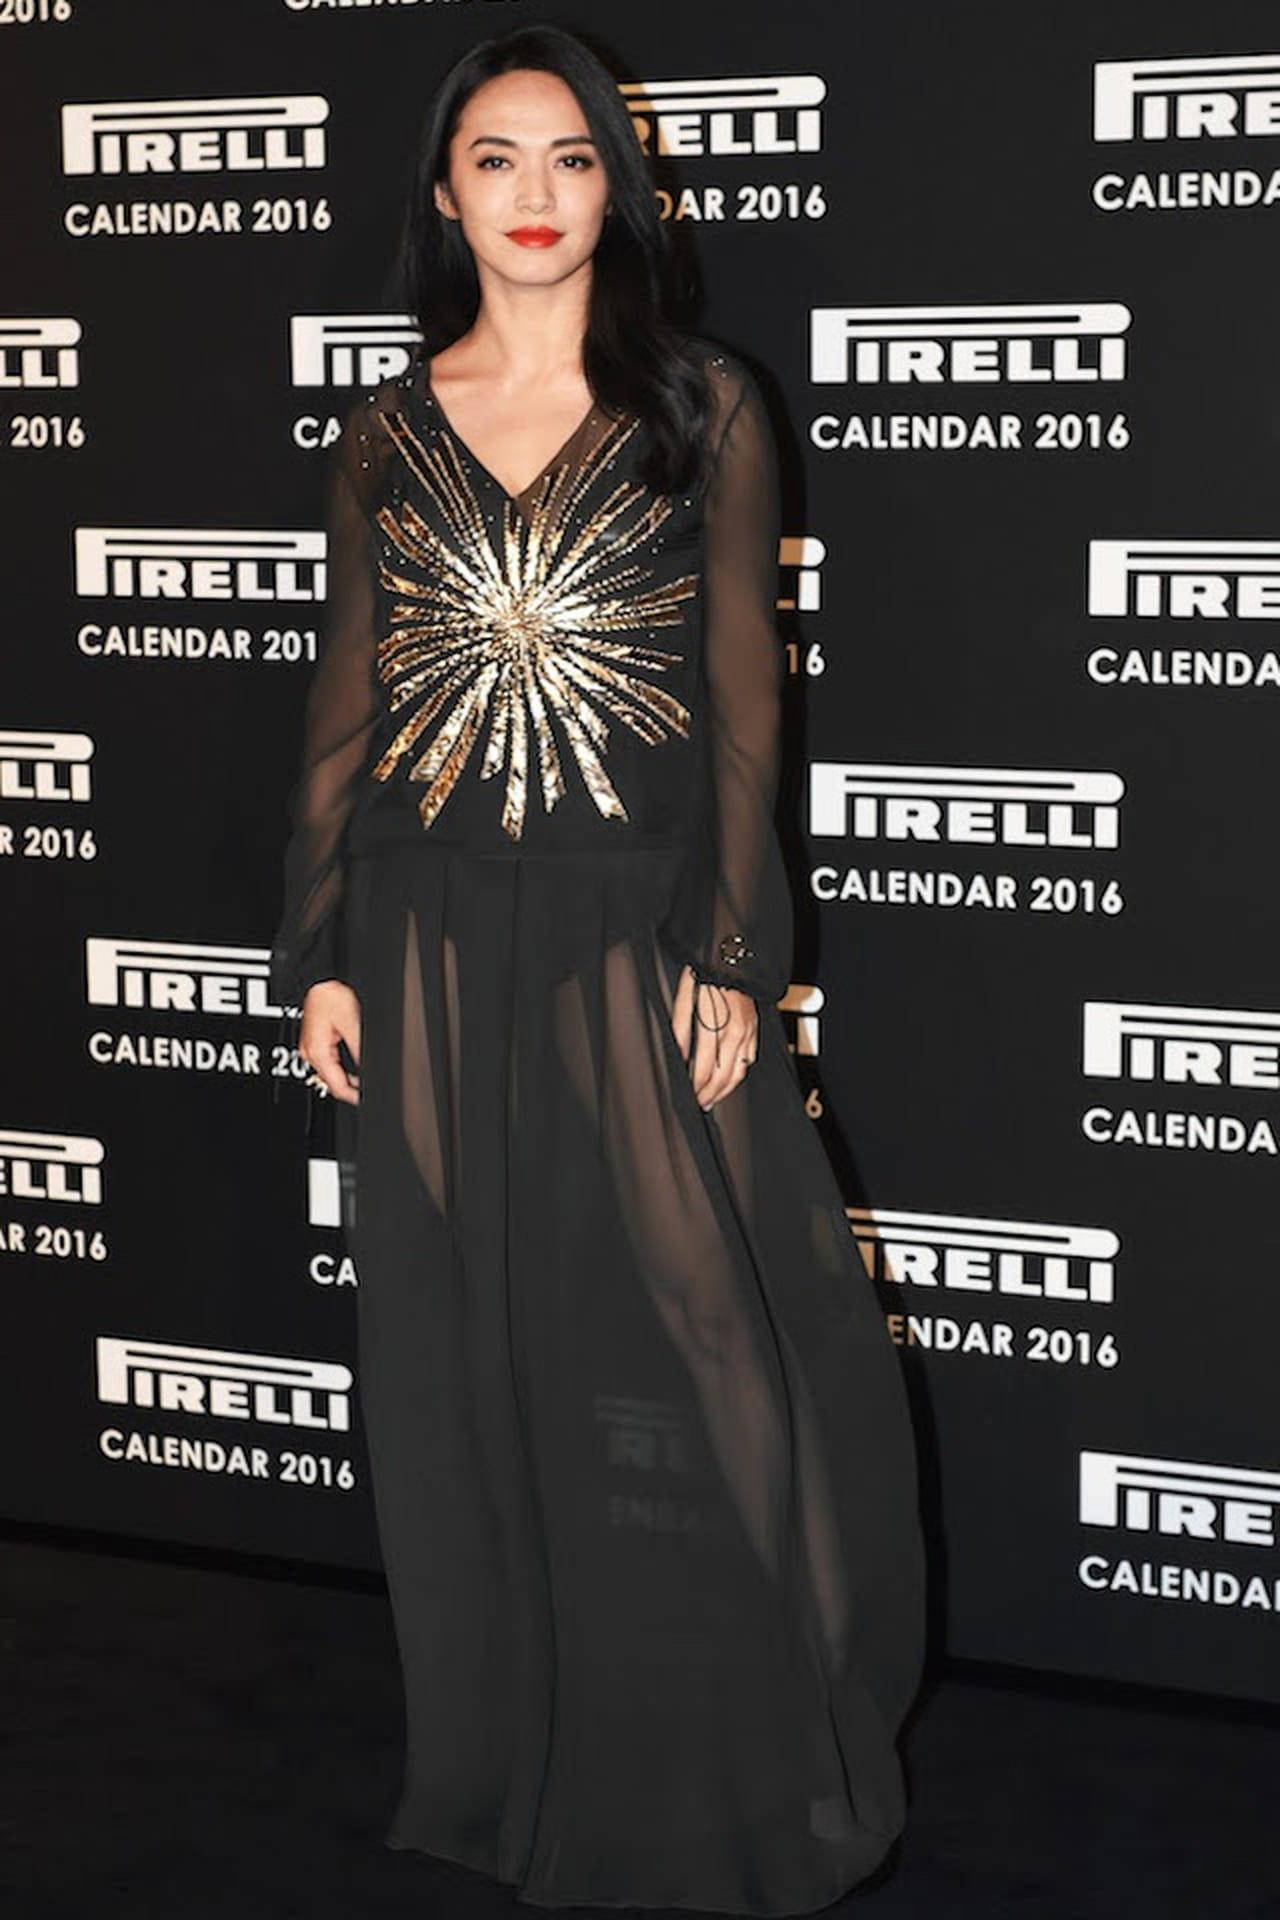 Nuovo Calendario Pirelli.Nuovo Calendario Pirelli Da Yoko Ono A Serena Williams La